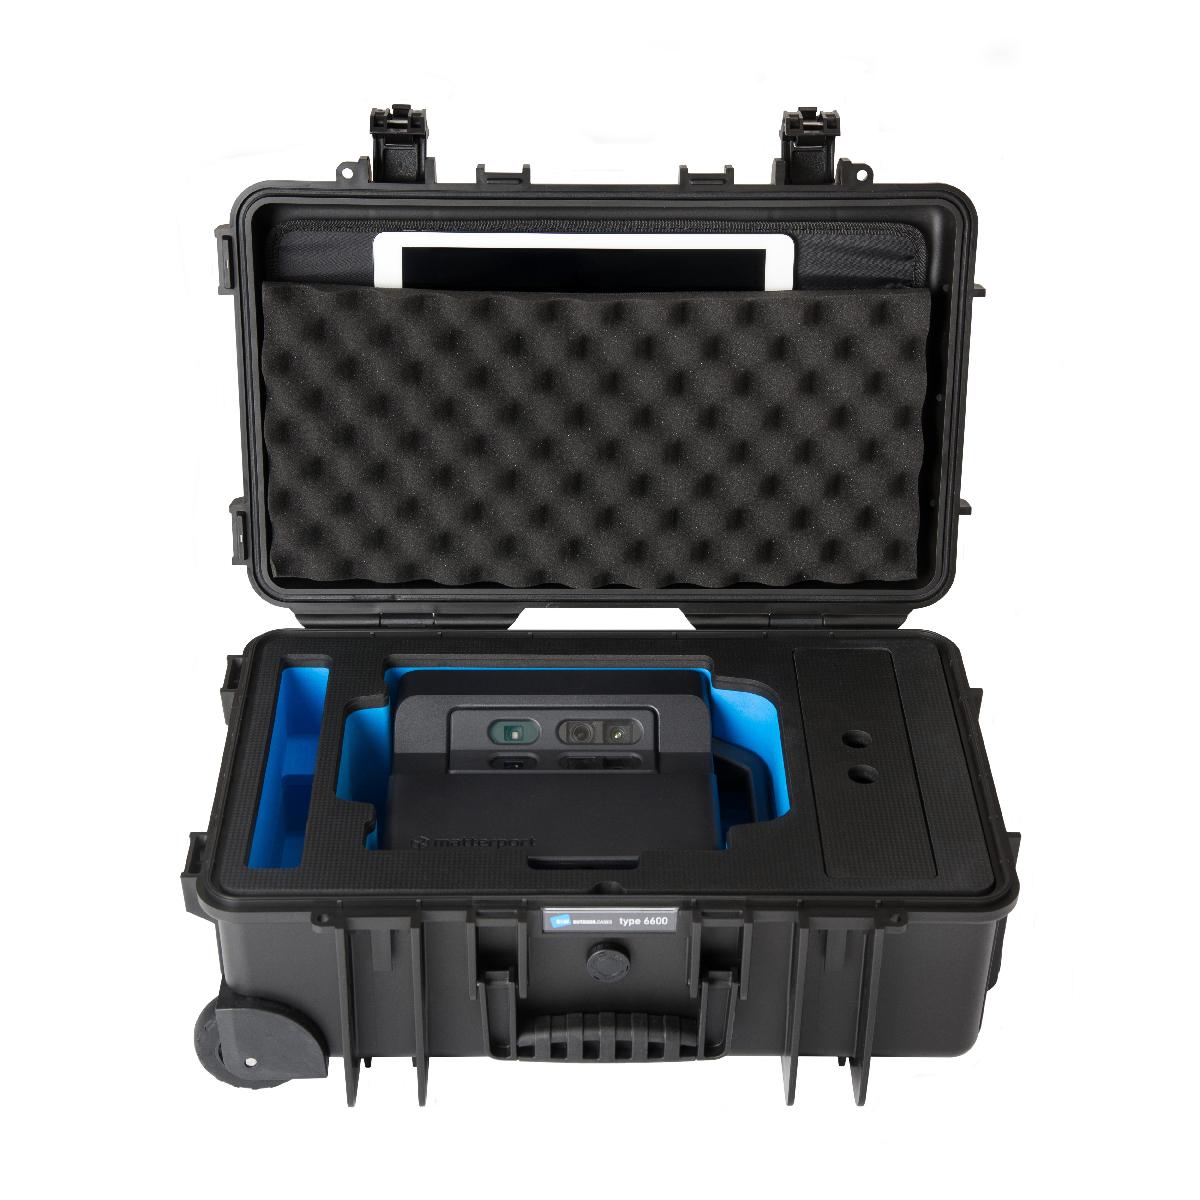 Matterport Case 6600